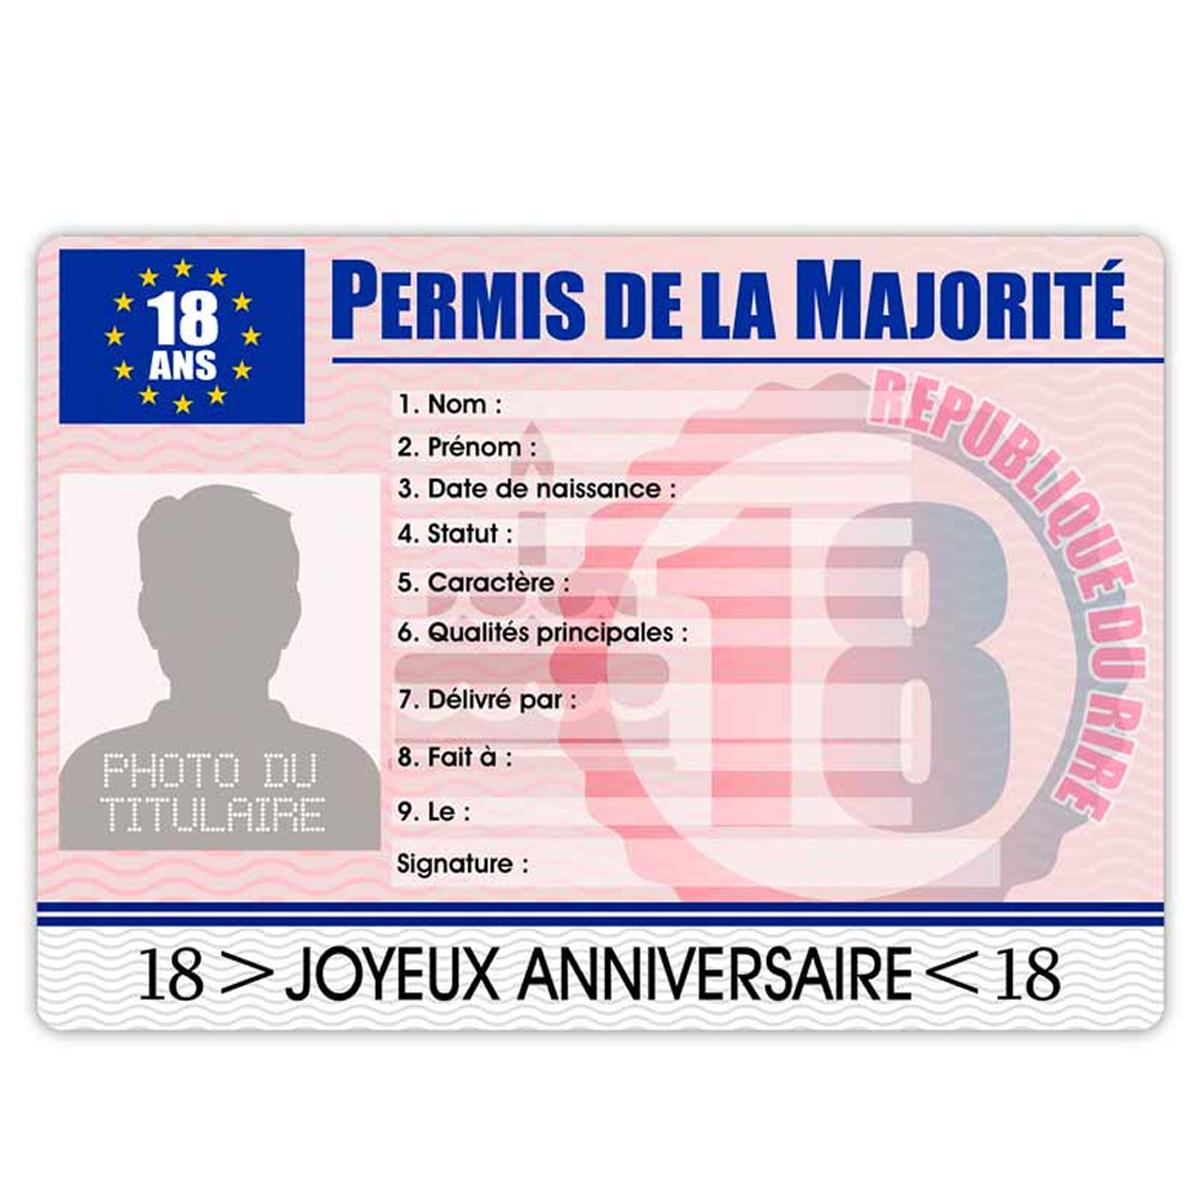 Carte permis européen \'Permis de la majorité\' 18 ans (homme) - 22x155 cm - [R2169]